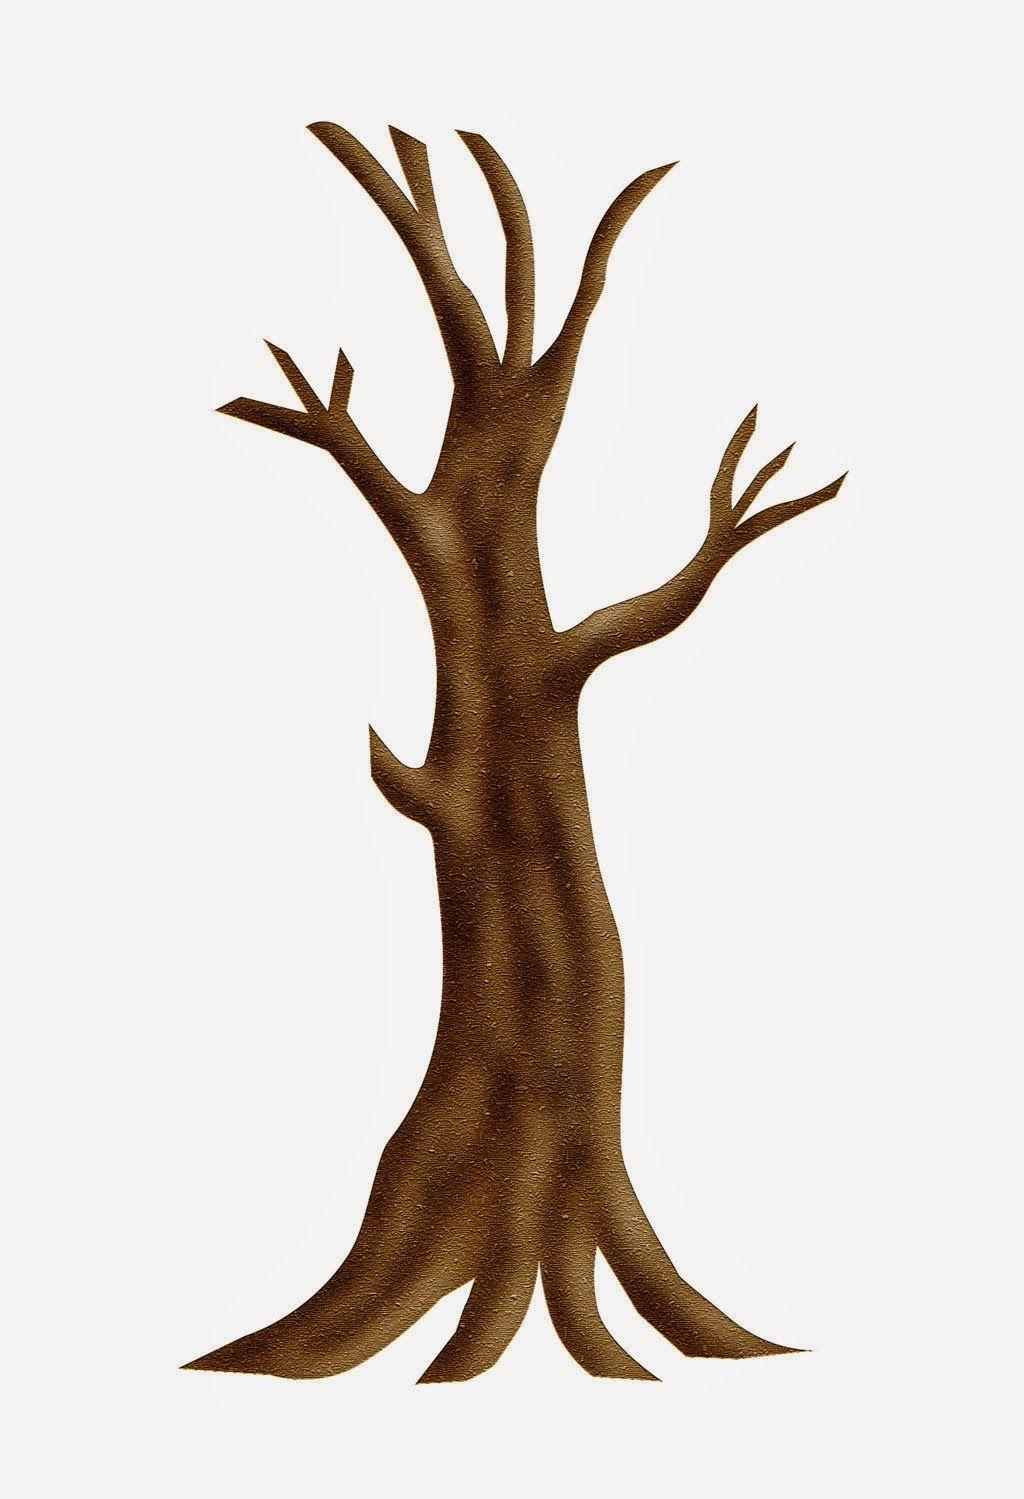 Hasil gambar untuk gambar pohon warna cokelat ranting